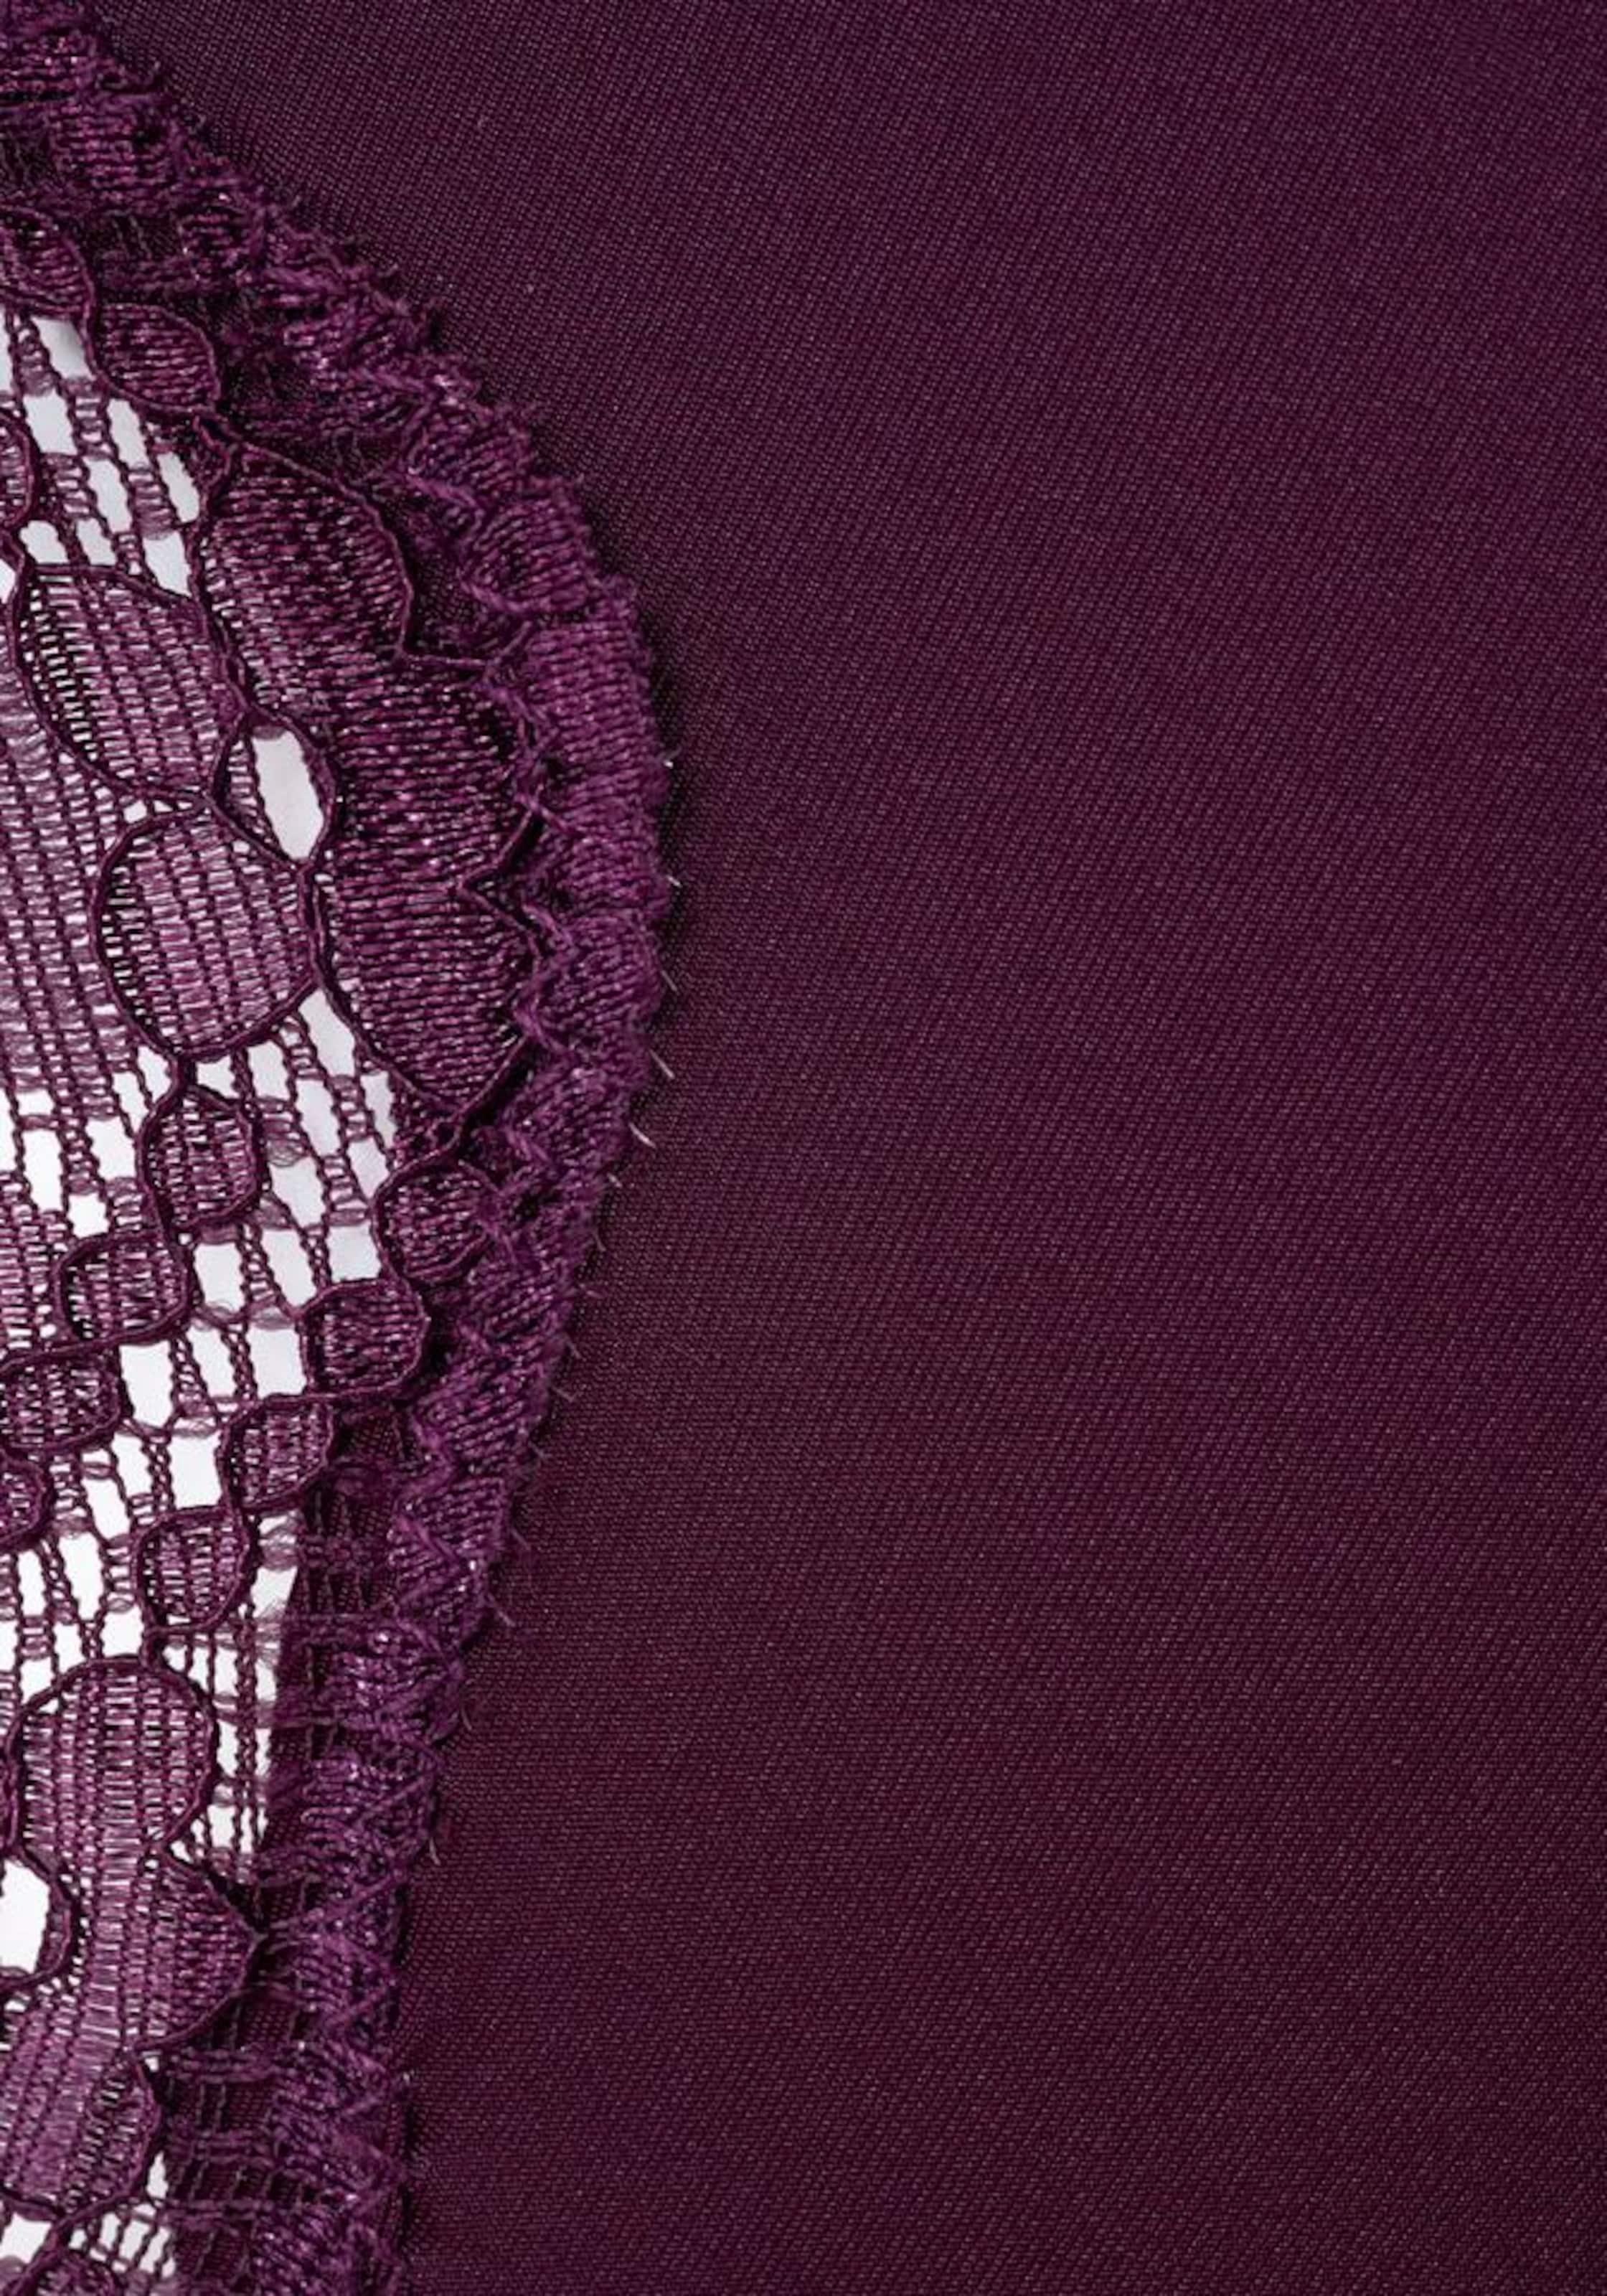 Günstig Kaufen Angebote Spielraum Hohe Qualität s.Oliver RED LABEL Bodywear Stringpanty Verkauf Hochwertige Niedrige Versandgebühr Verkauf Online Freiraum 100% Original Wic3Hl9